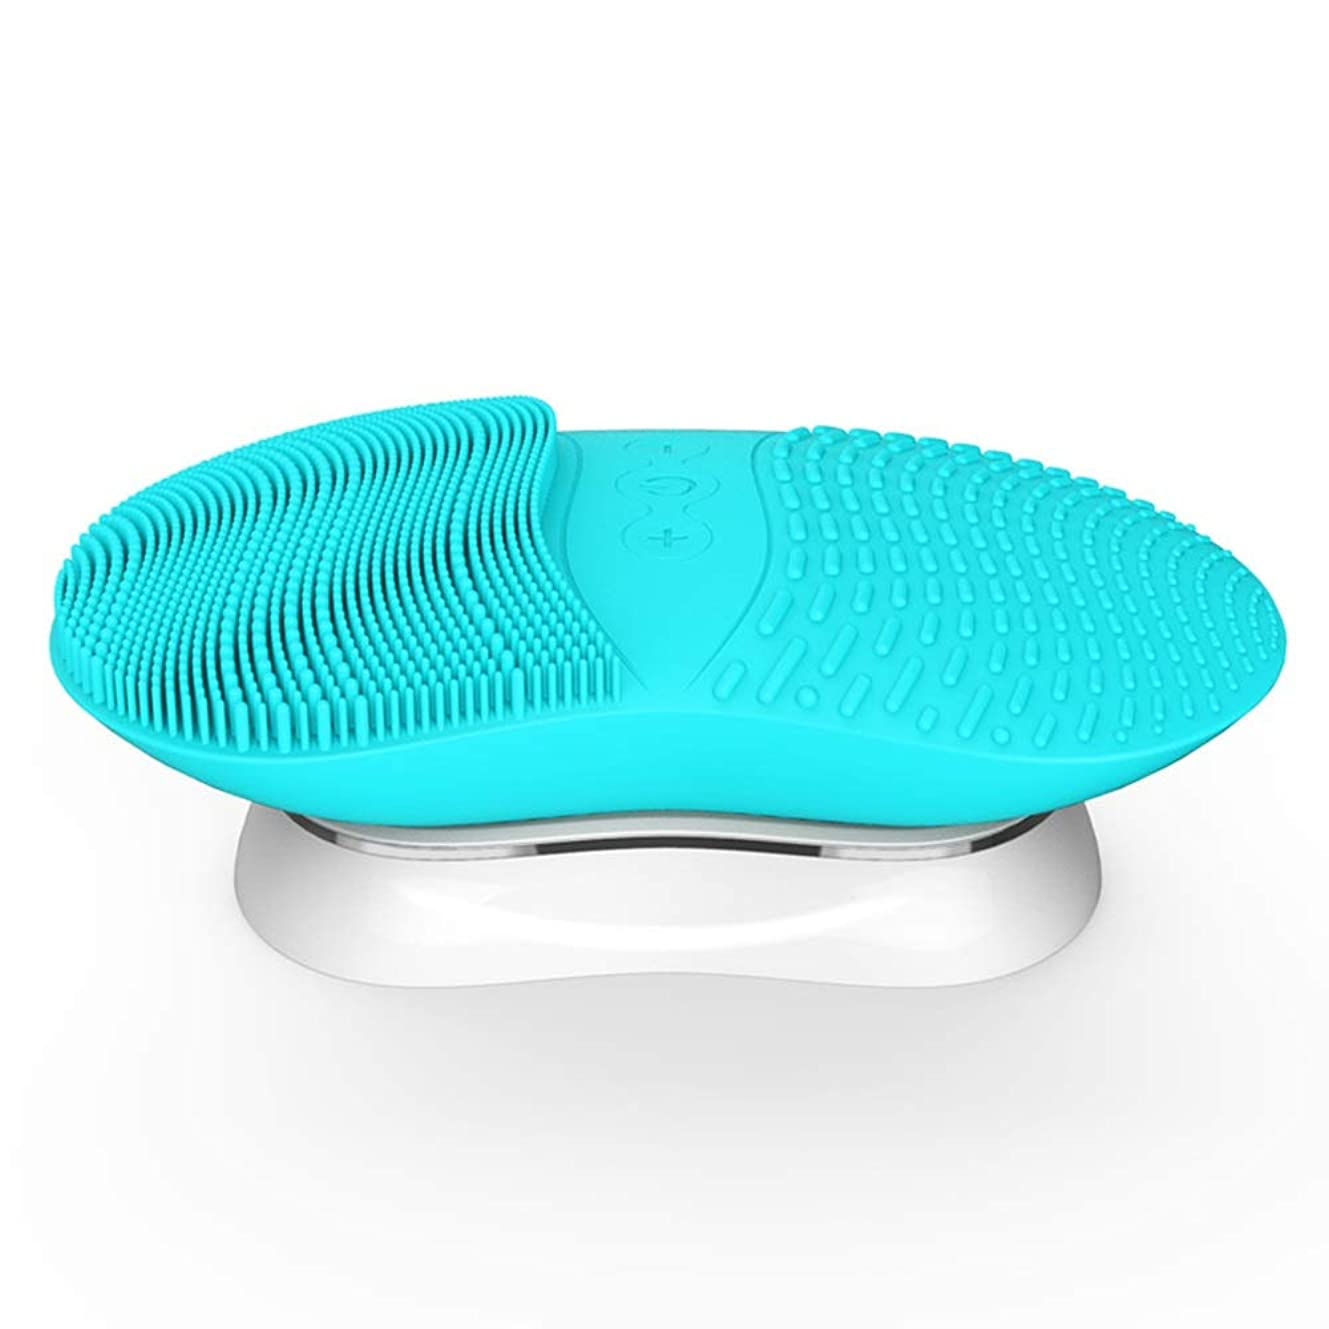 ローズ虐待素人ZXF 新ワイヤレス充電シリコンクレンジングブラシ超音波振動ディープクリーン防水暖かさクレンジング美容機器クレンジング機器 滑らかである